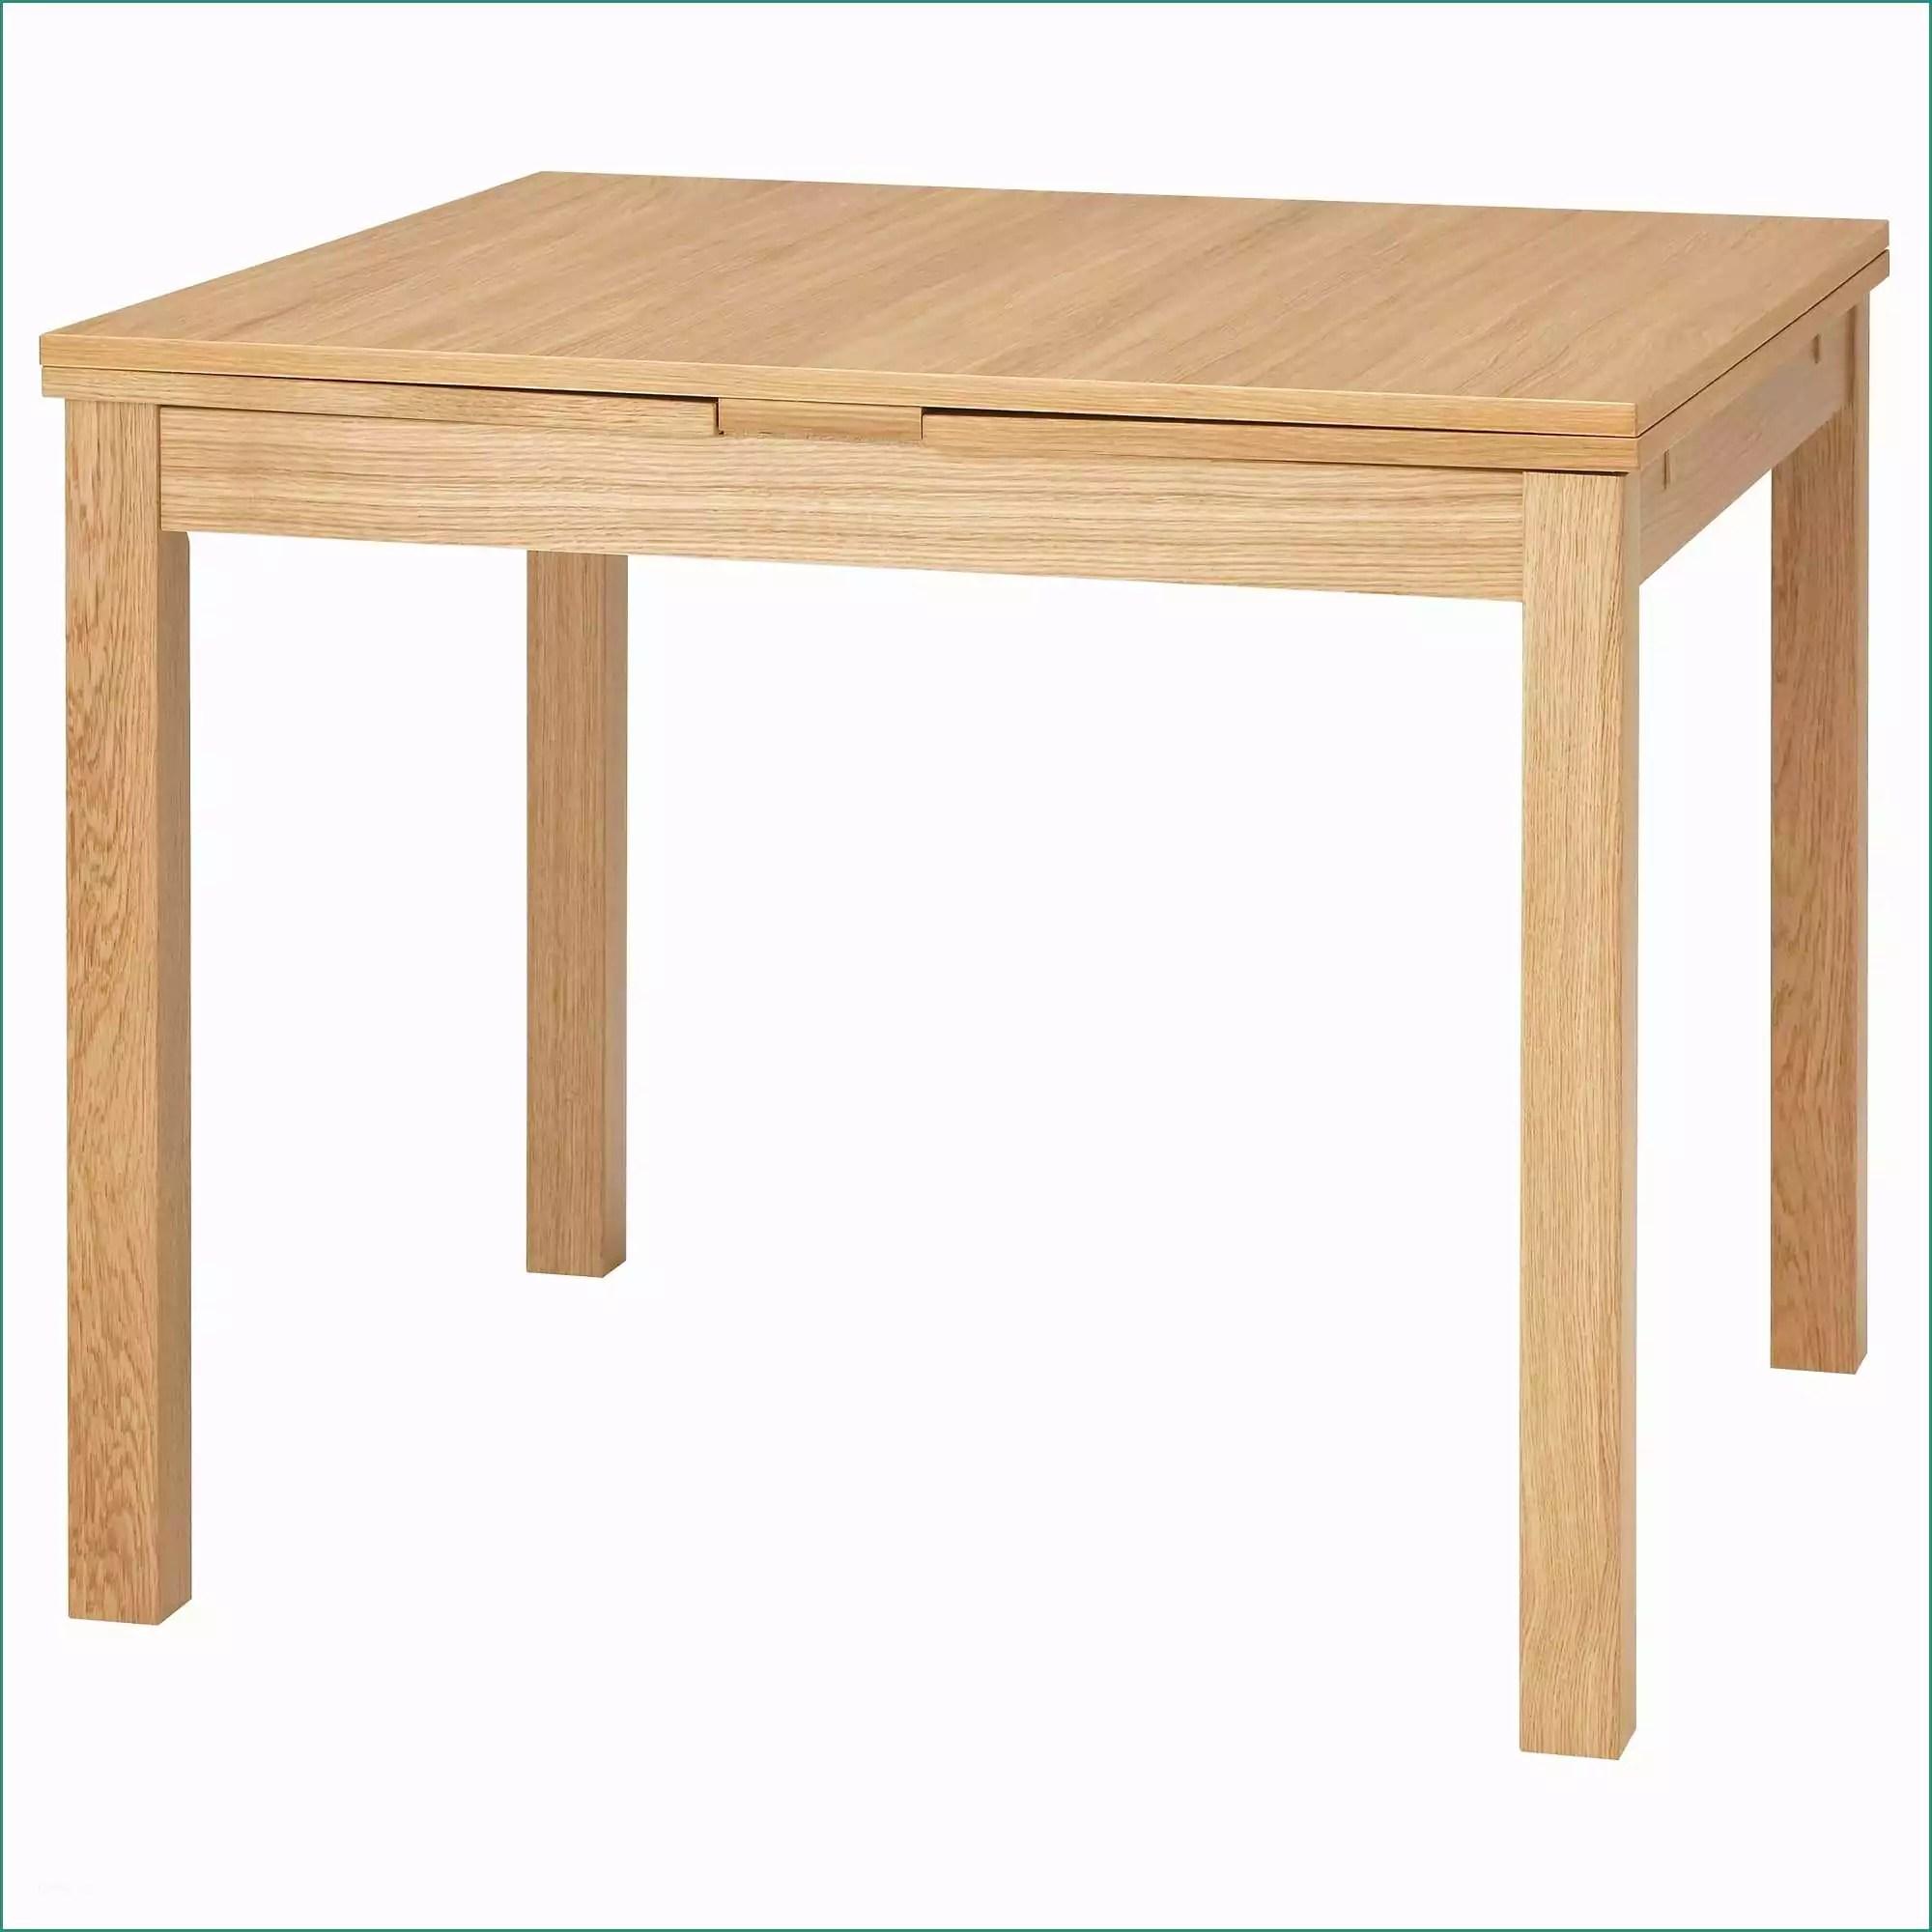 Sedie Plexiglass Ikea E Tavoli Da Cucina Ikea Idee Di